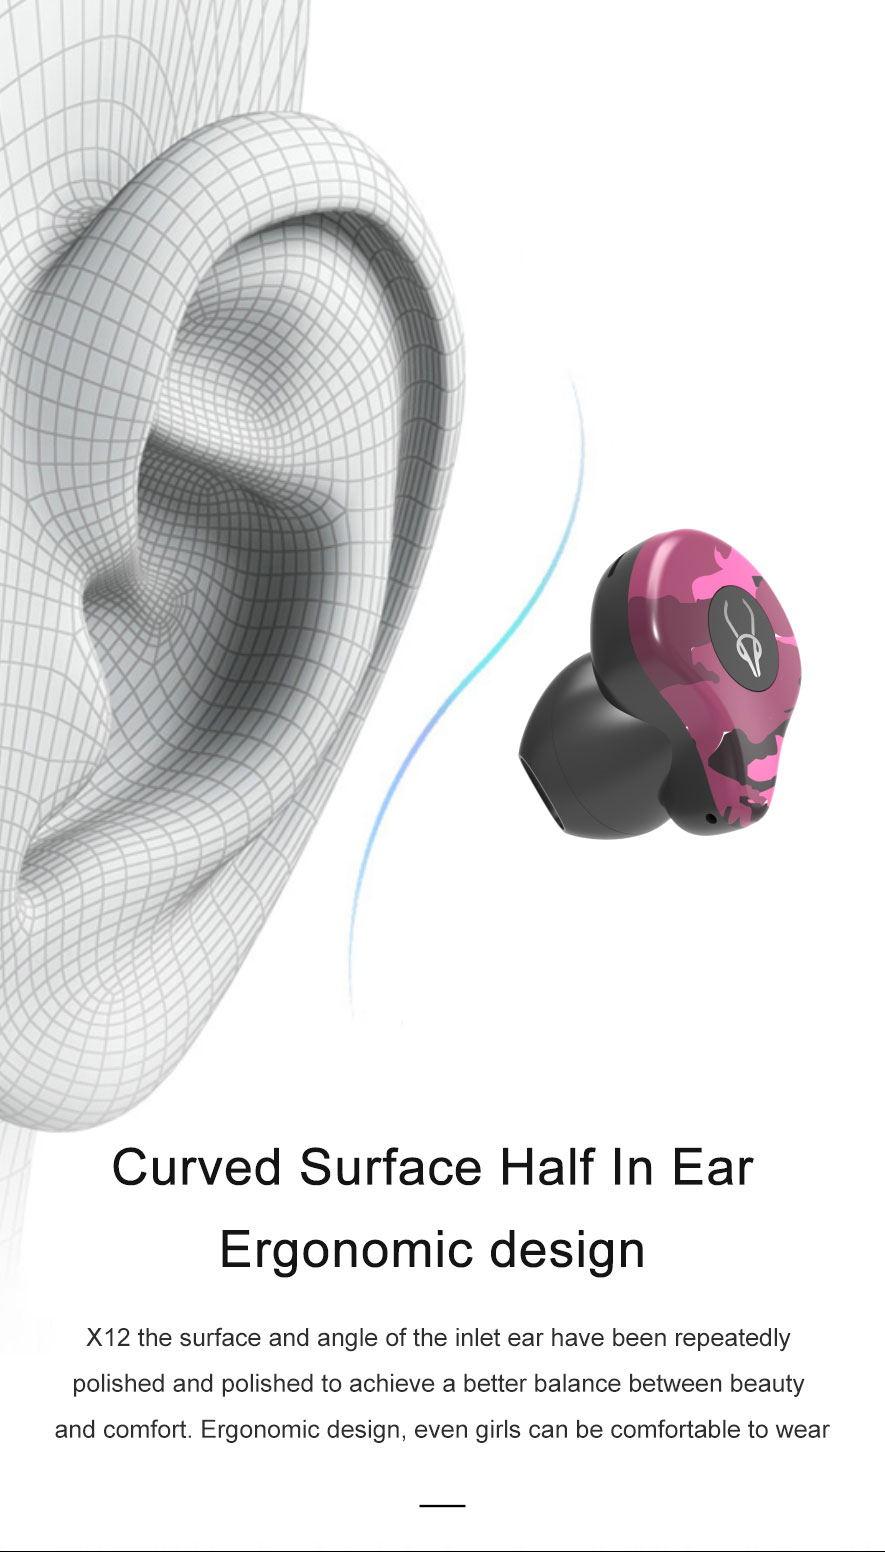 2019 sabbat x12 ultra earbuds